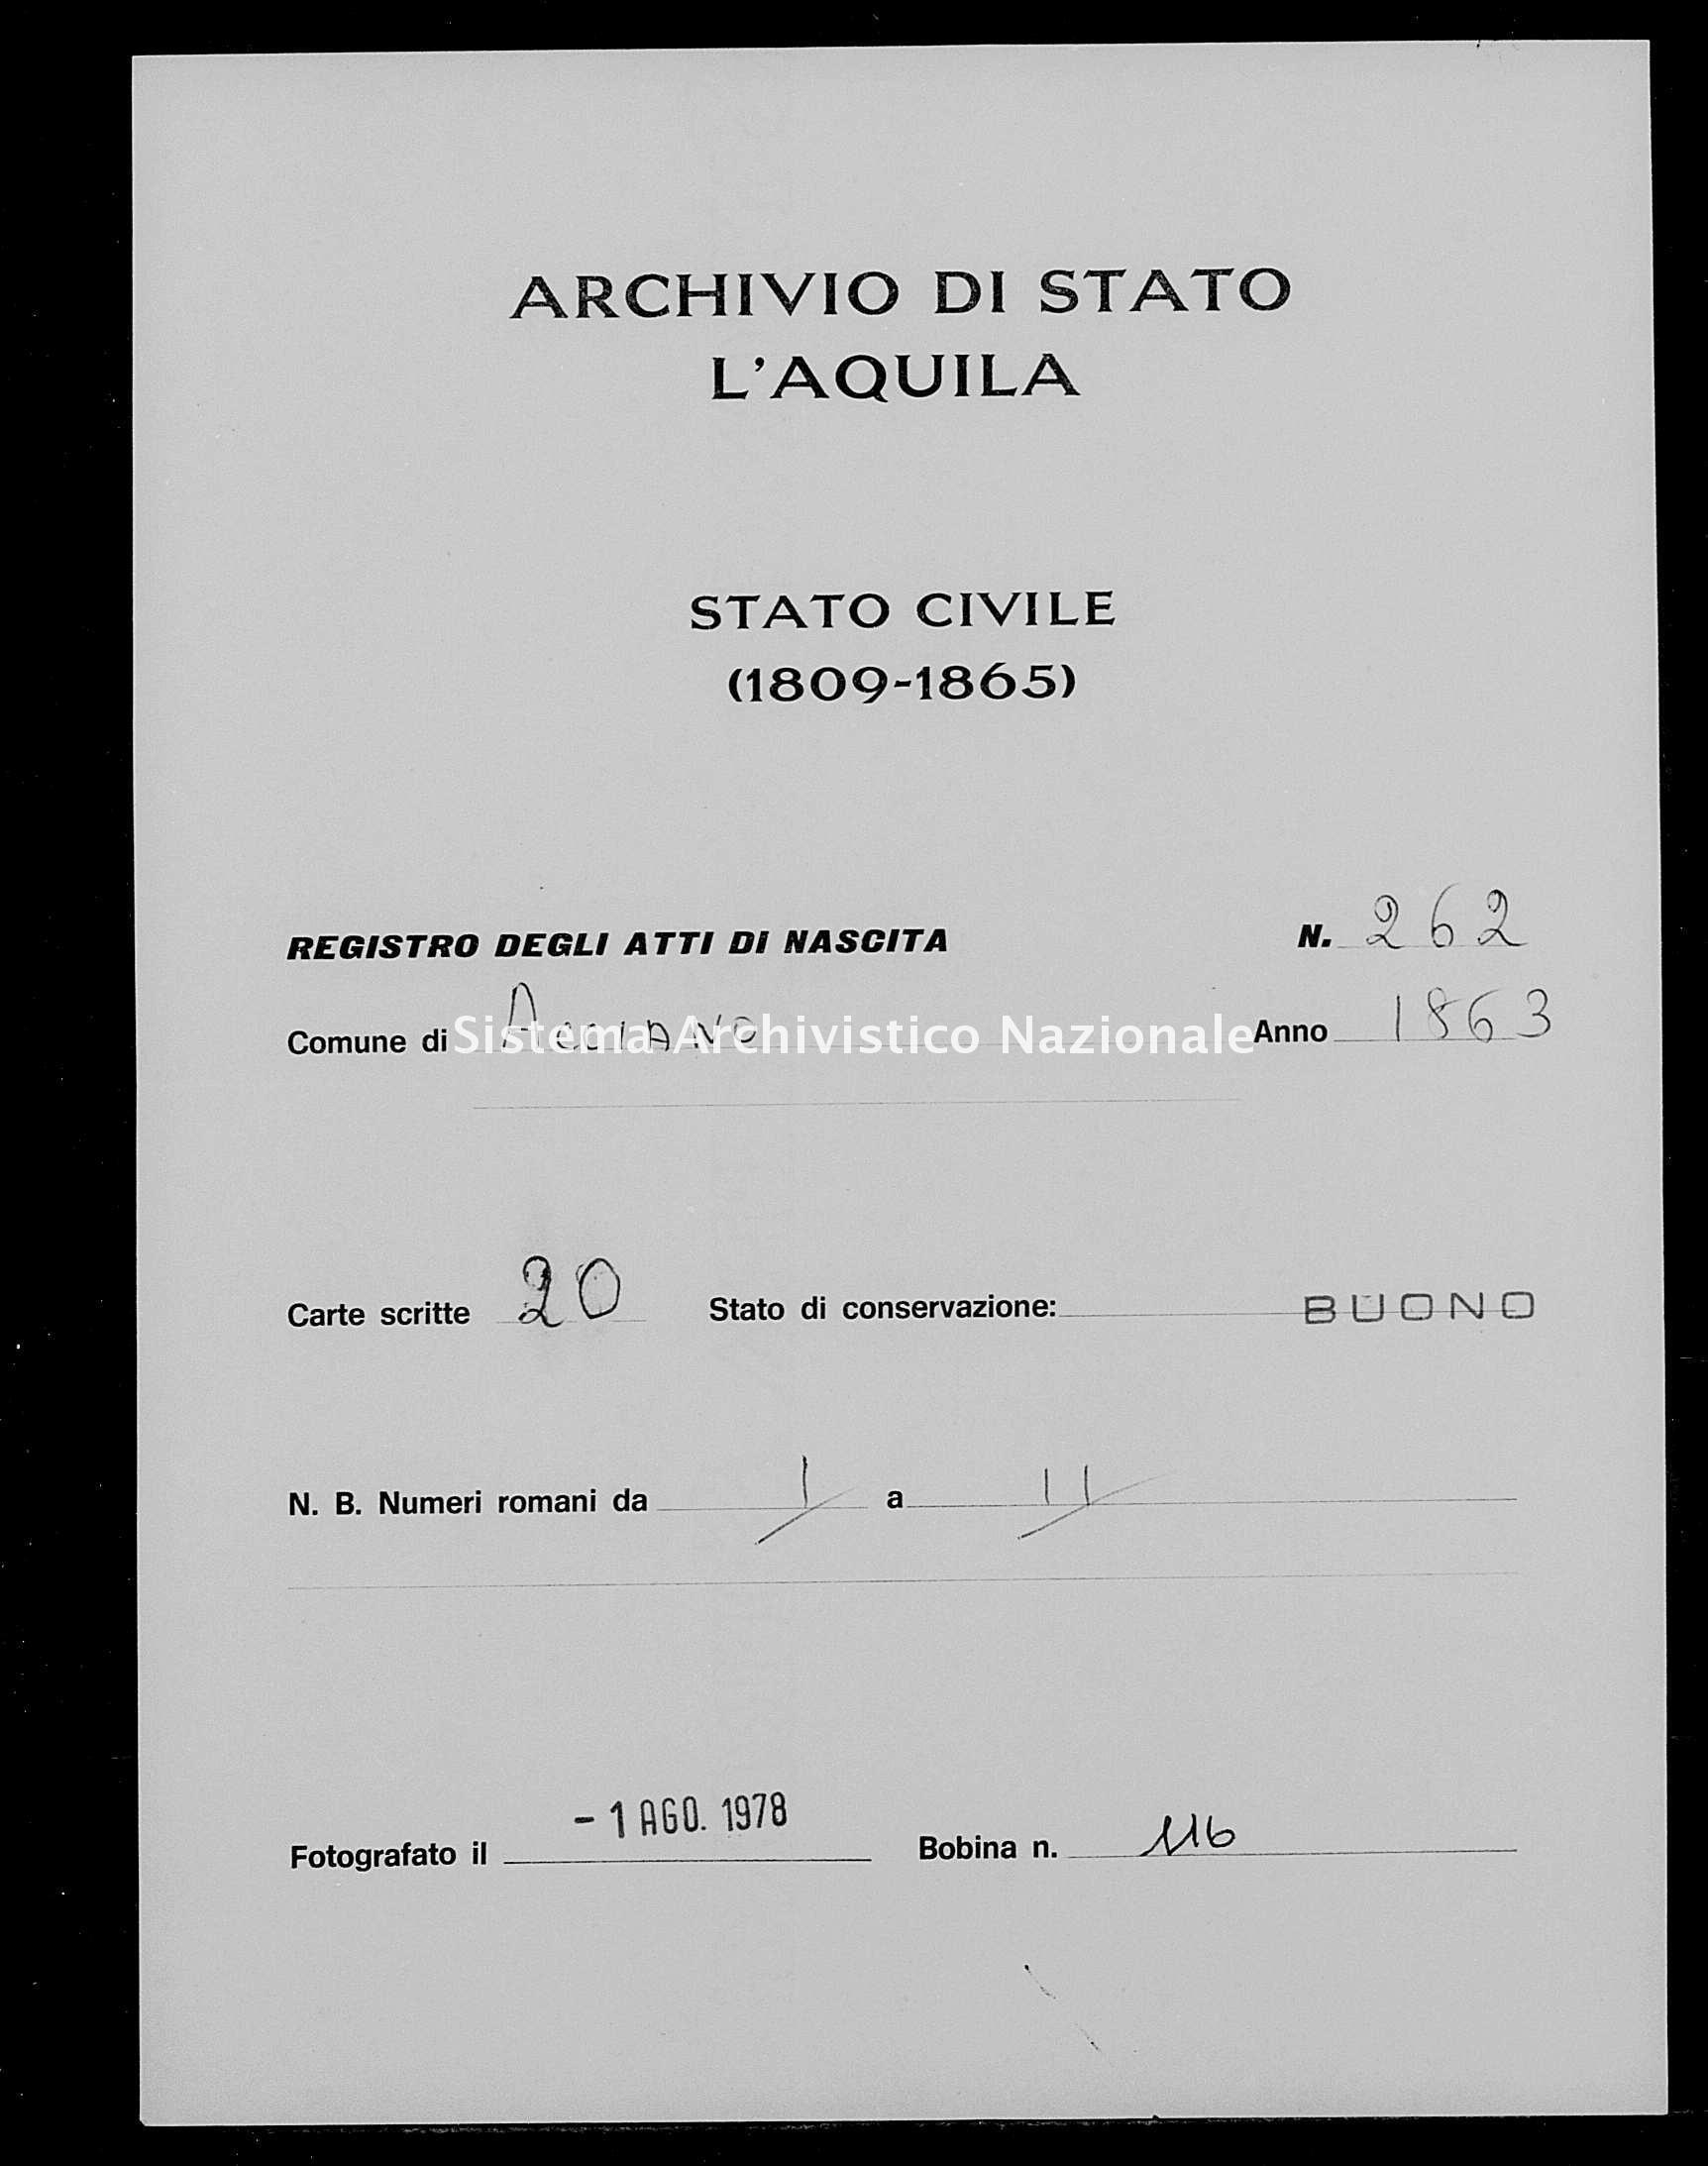 Archivio di stato di L'aquila - Stato civile italiano - Acciano - Nati - 1863 - 262 -